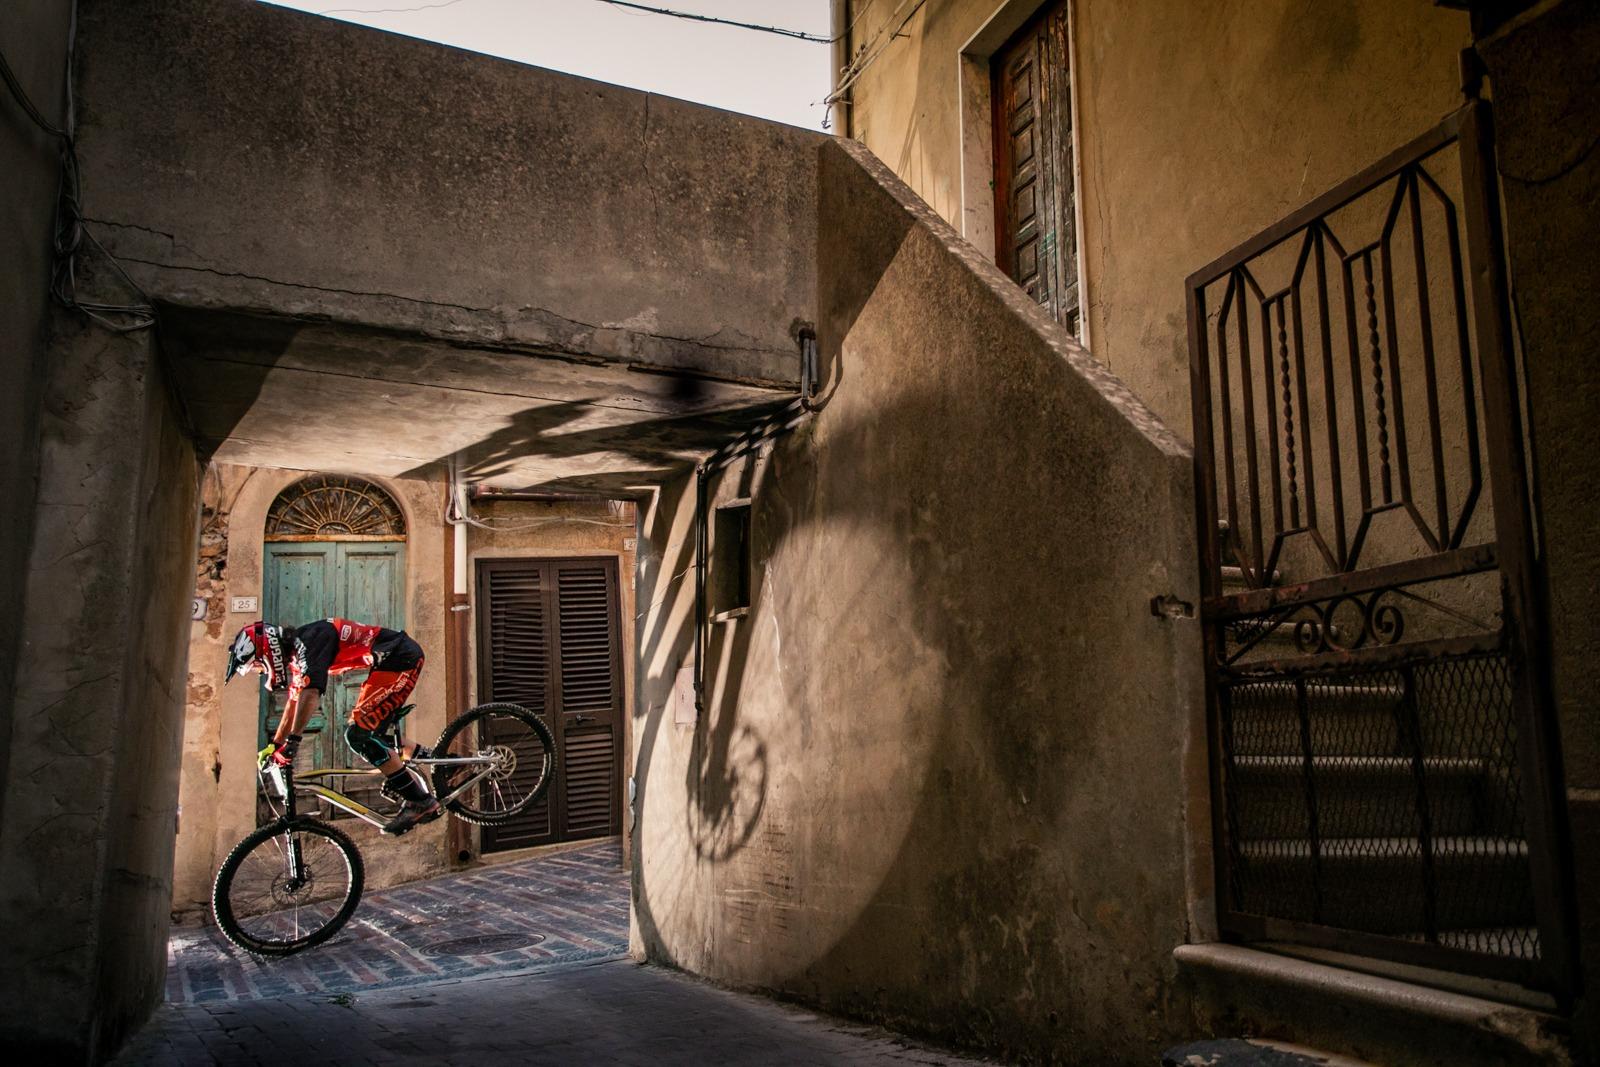 lombardo biciclette outdoor Extreme fotografo photographer - commercial - fotografia pubblicitaria sport eventi